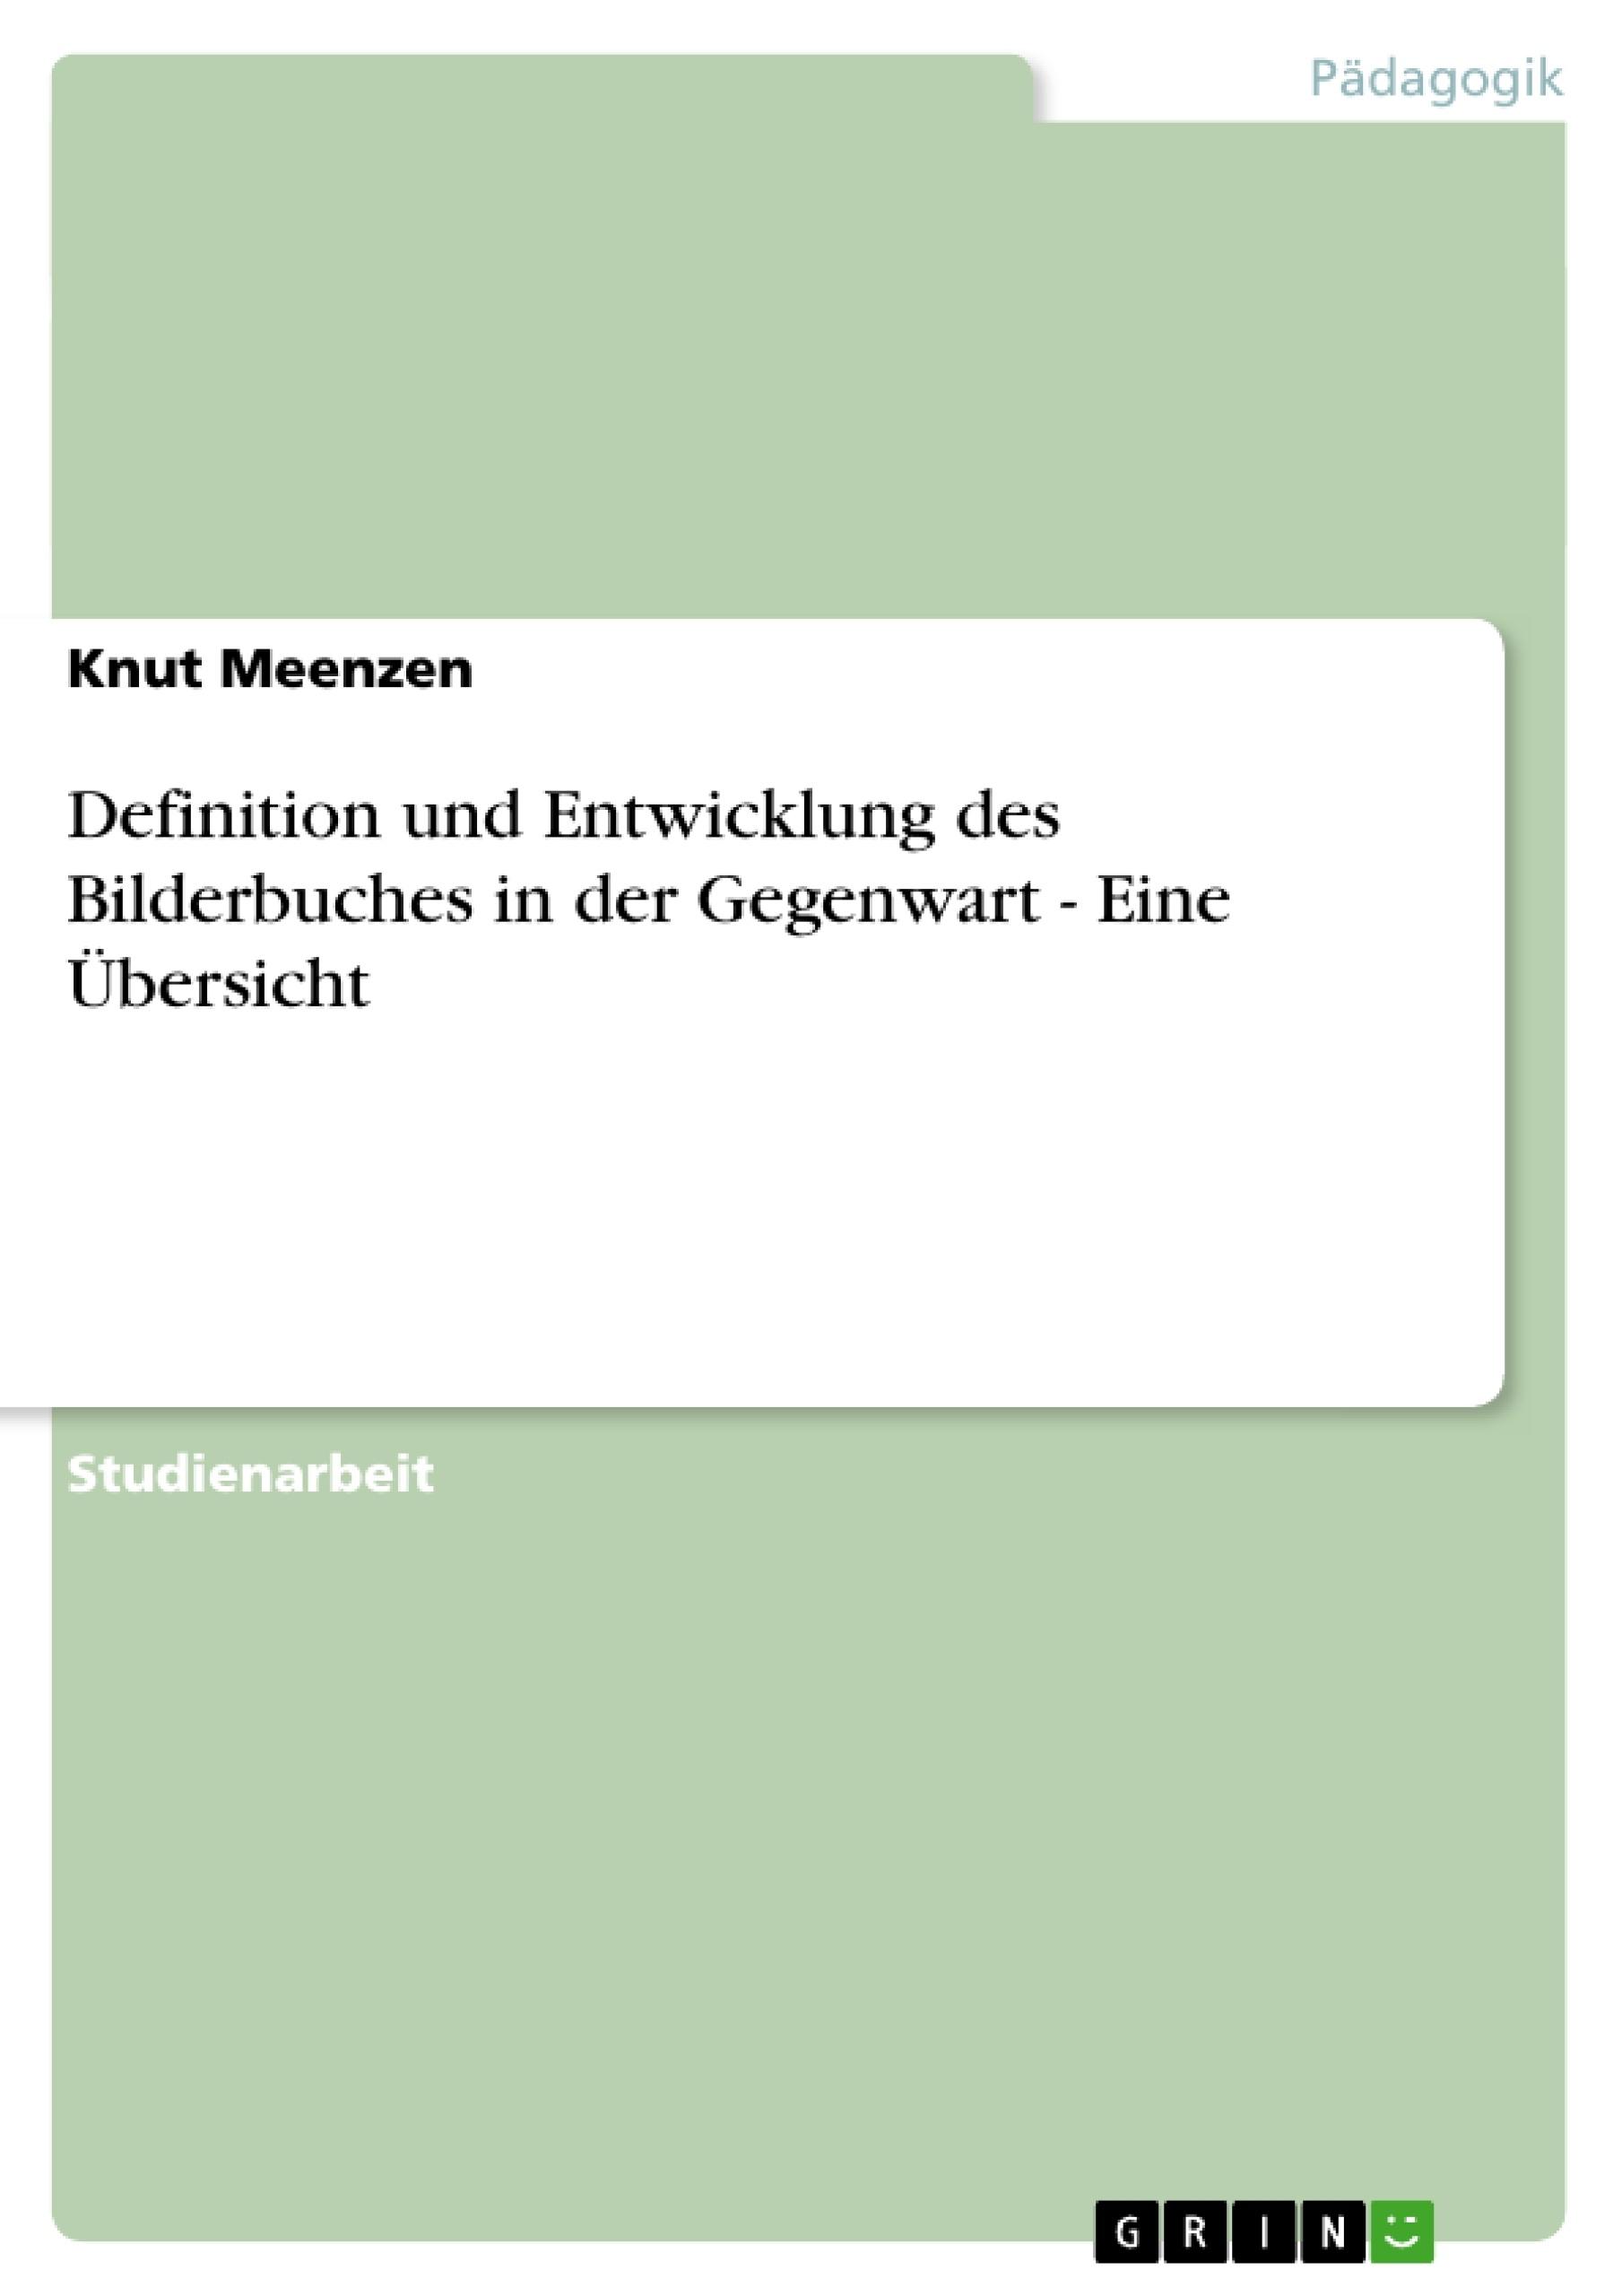 Titel: Definition und Entwicklung des Bilderbuches in der Gegenwart - Eine Übersicht